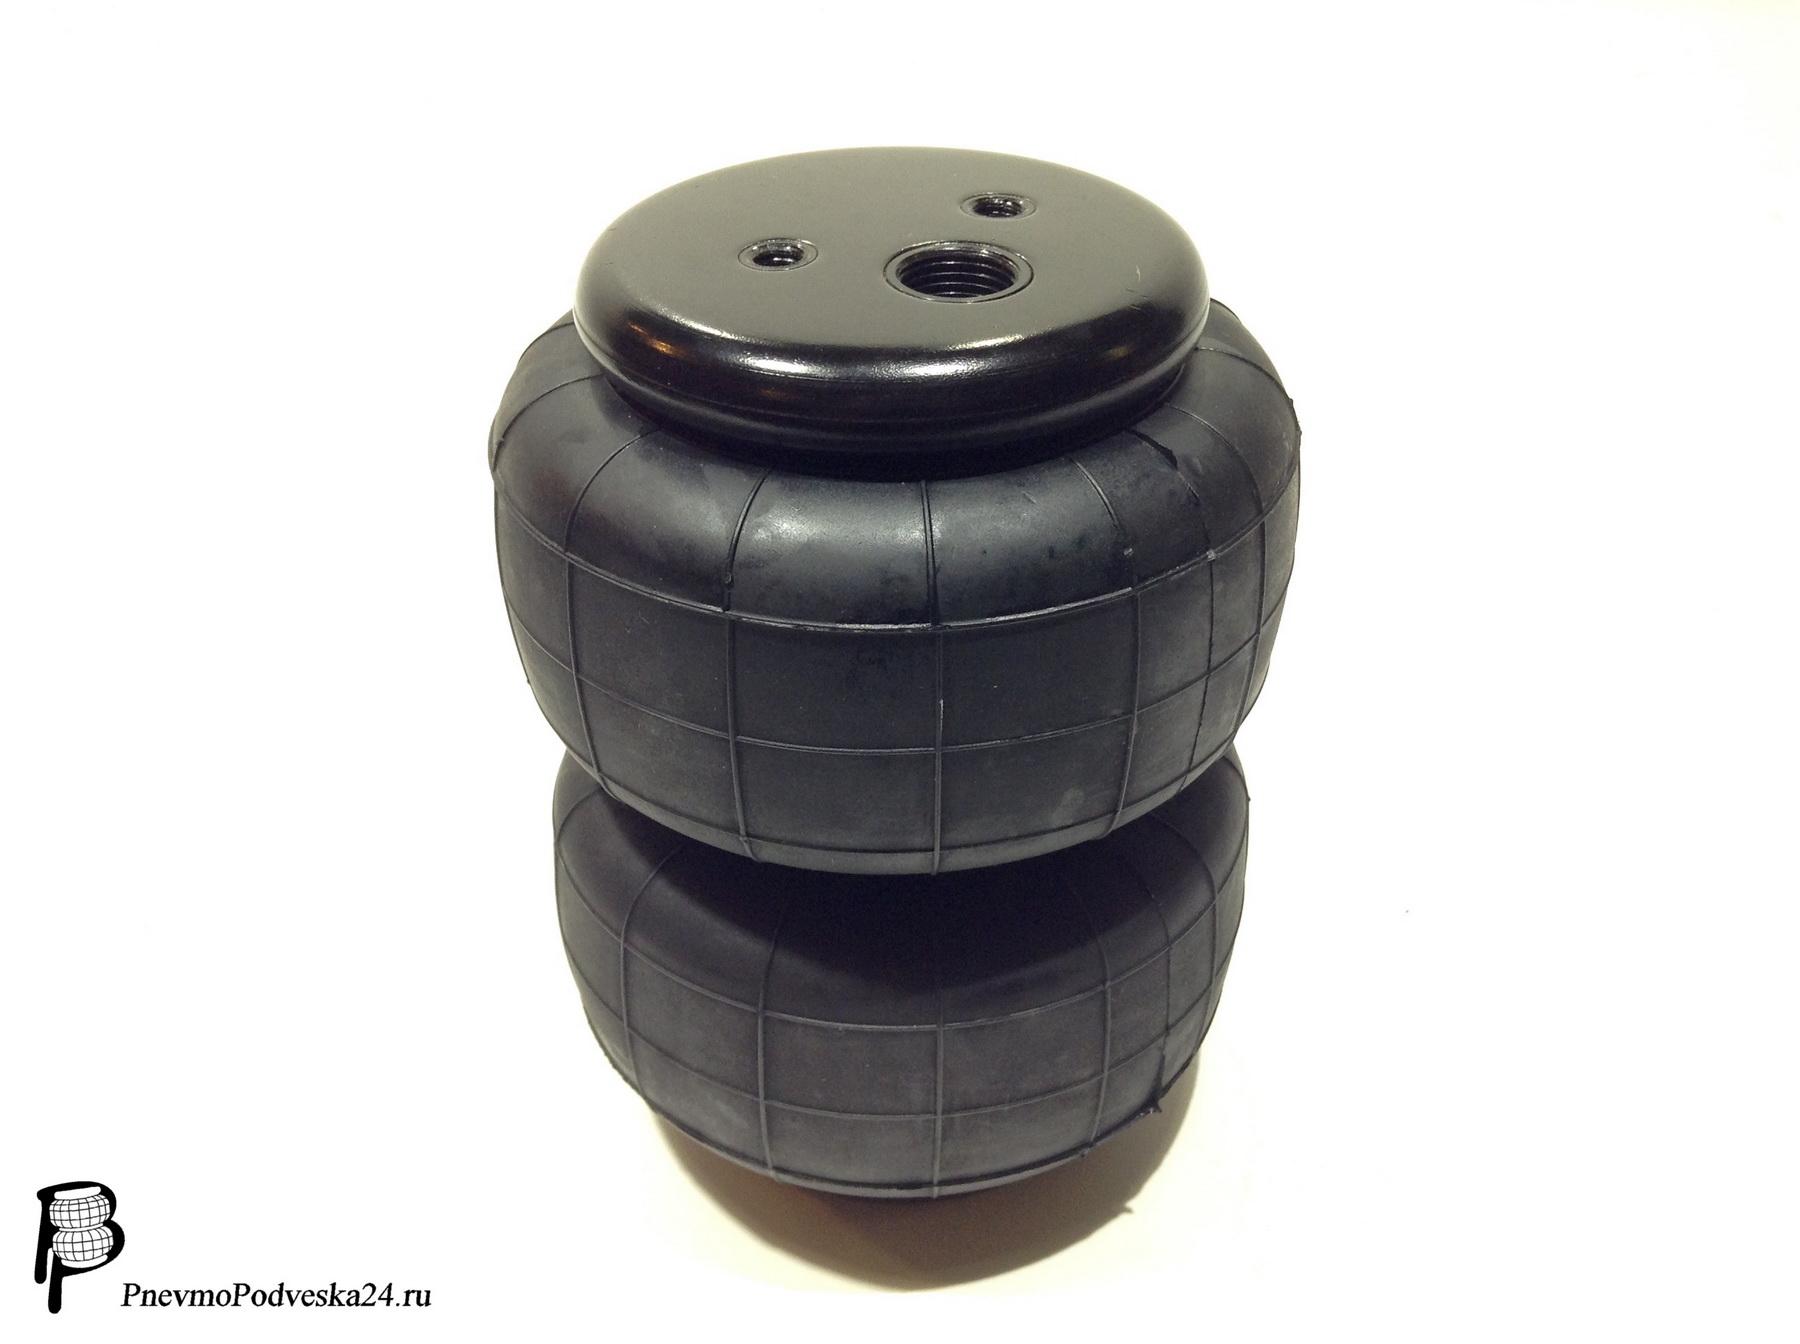 Пневмоподушка 160D2 (сильфон закрытого типа) .